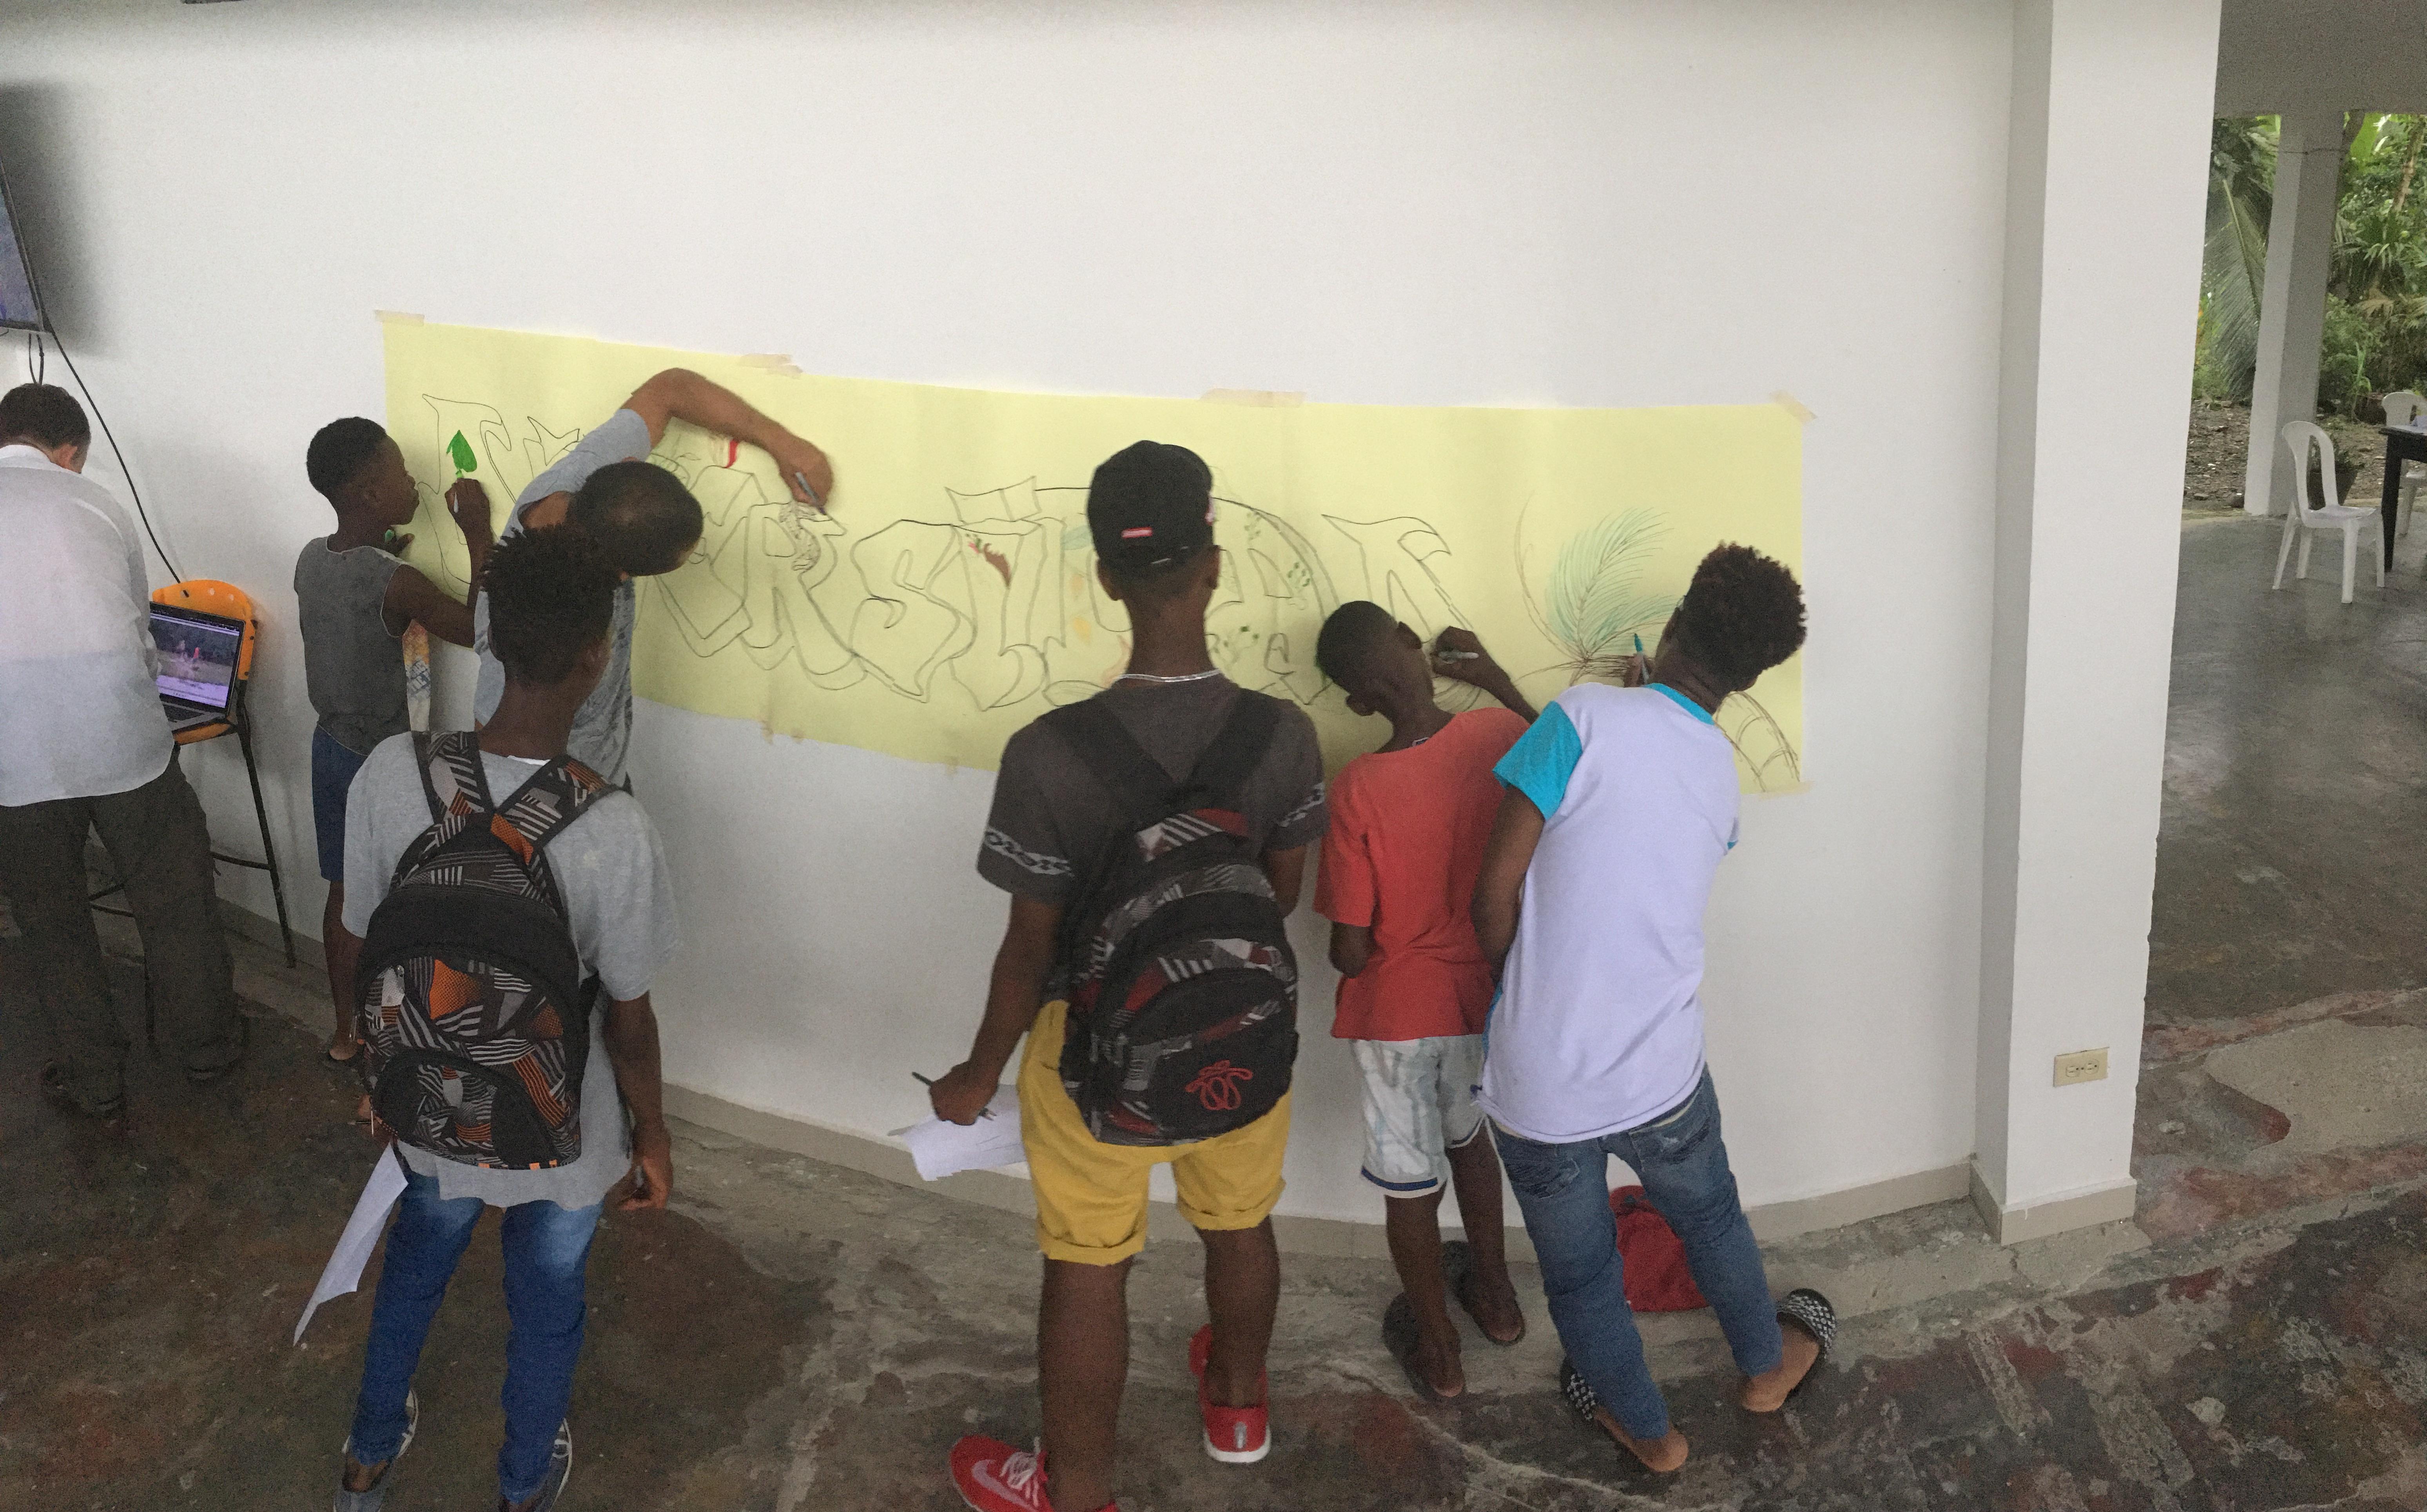 Taller de Graffiti, Tadó